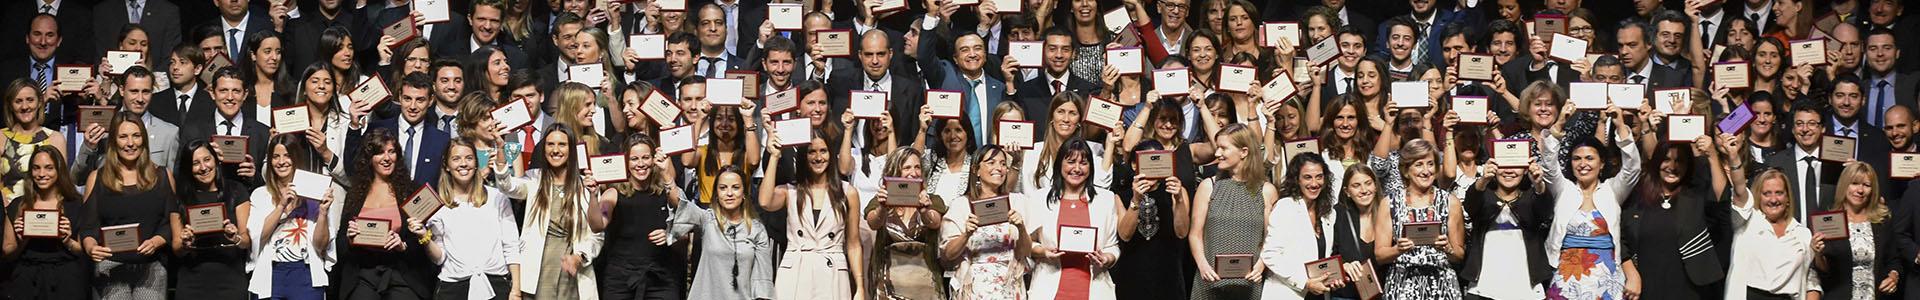 Ceremonias de graduación del Instituto de Educación